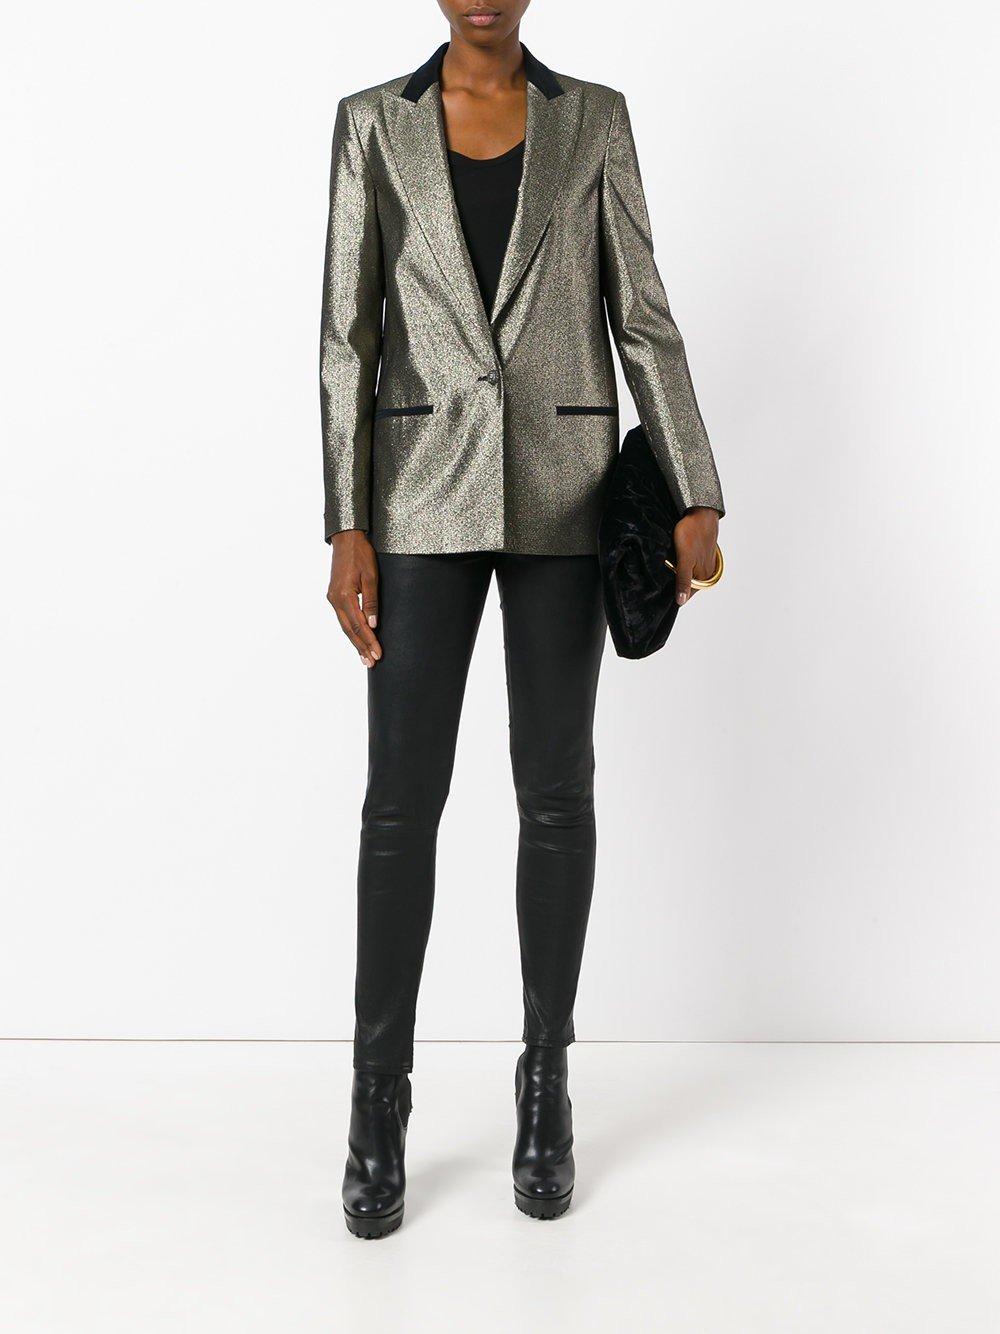 Женский пиджак 2019 года модные тенденции в 2019 году